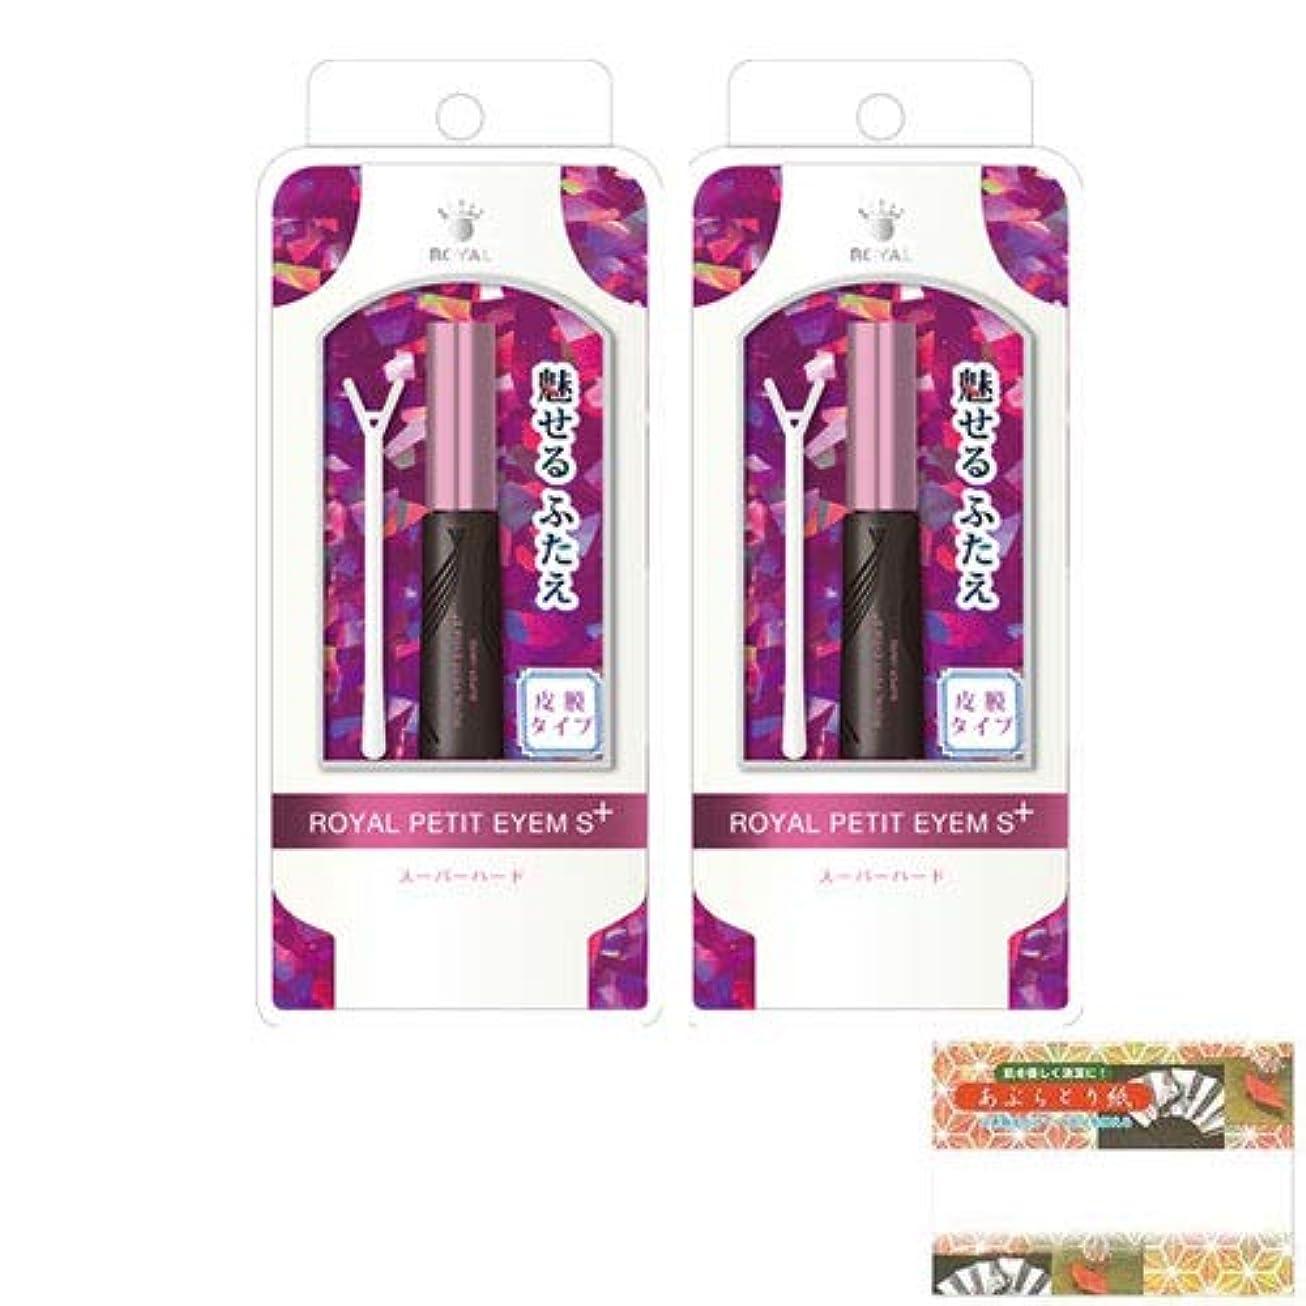 見つけるみすぼらしい連続的ローヤルプチアイムS プラス スーパーハード (二重まぶた形成化粧品) (6mL) ×2個 + あぶらとり紙セット